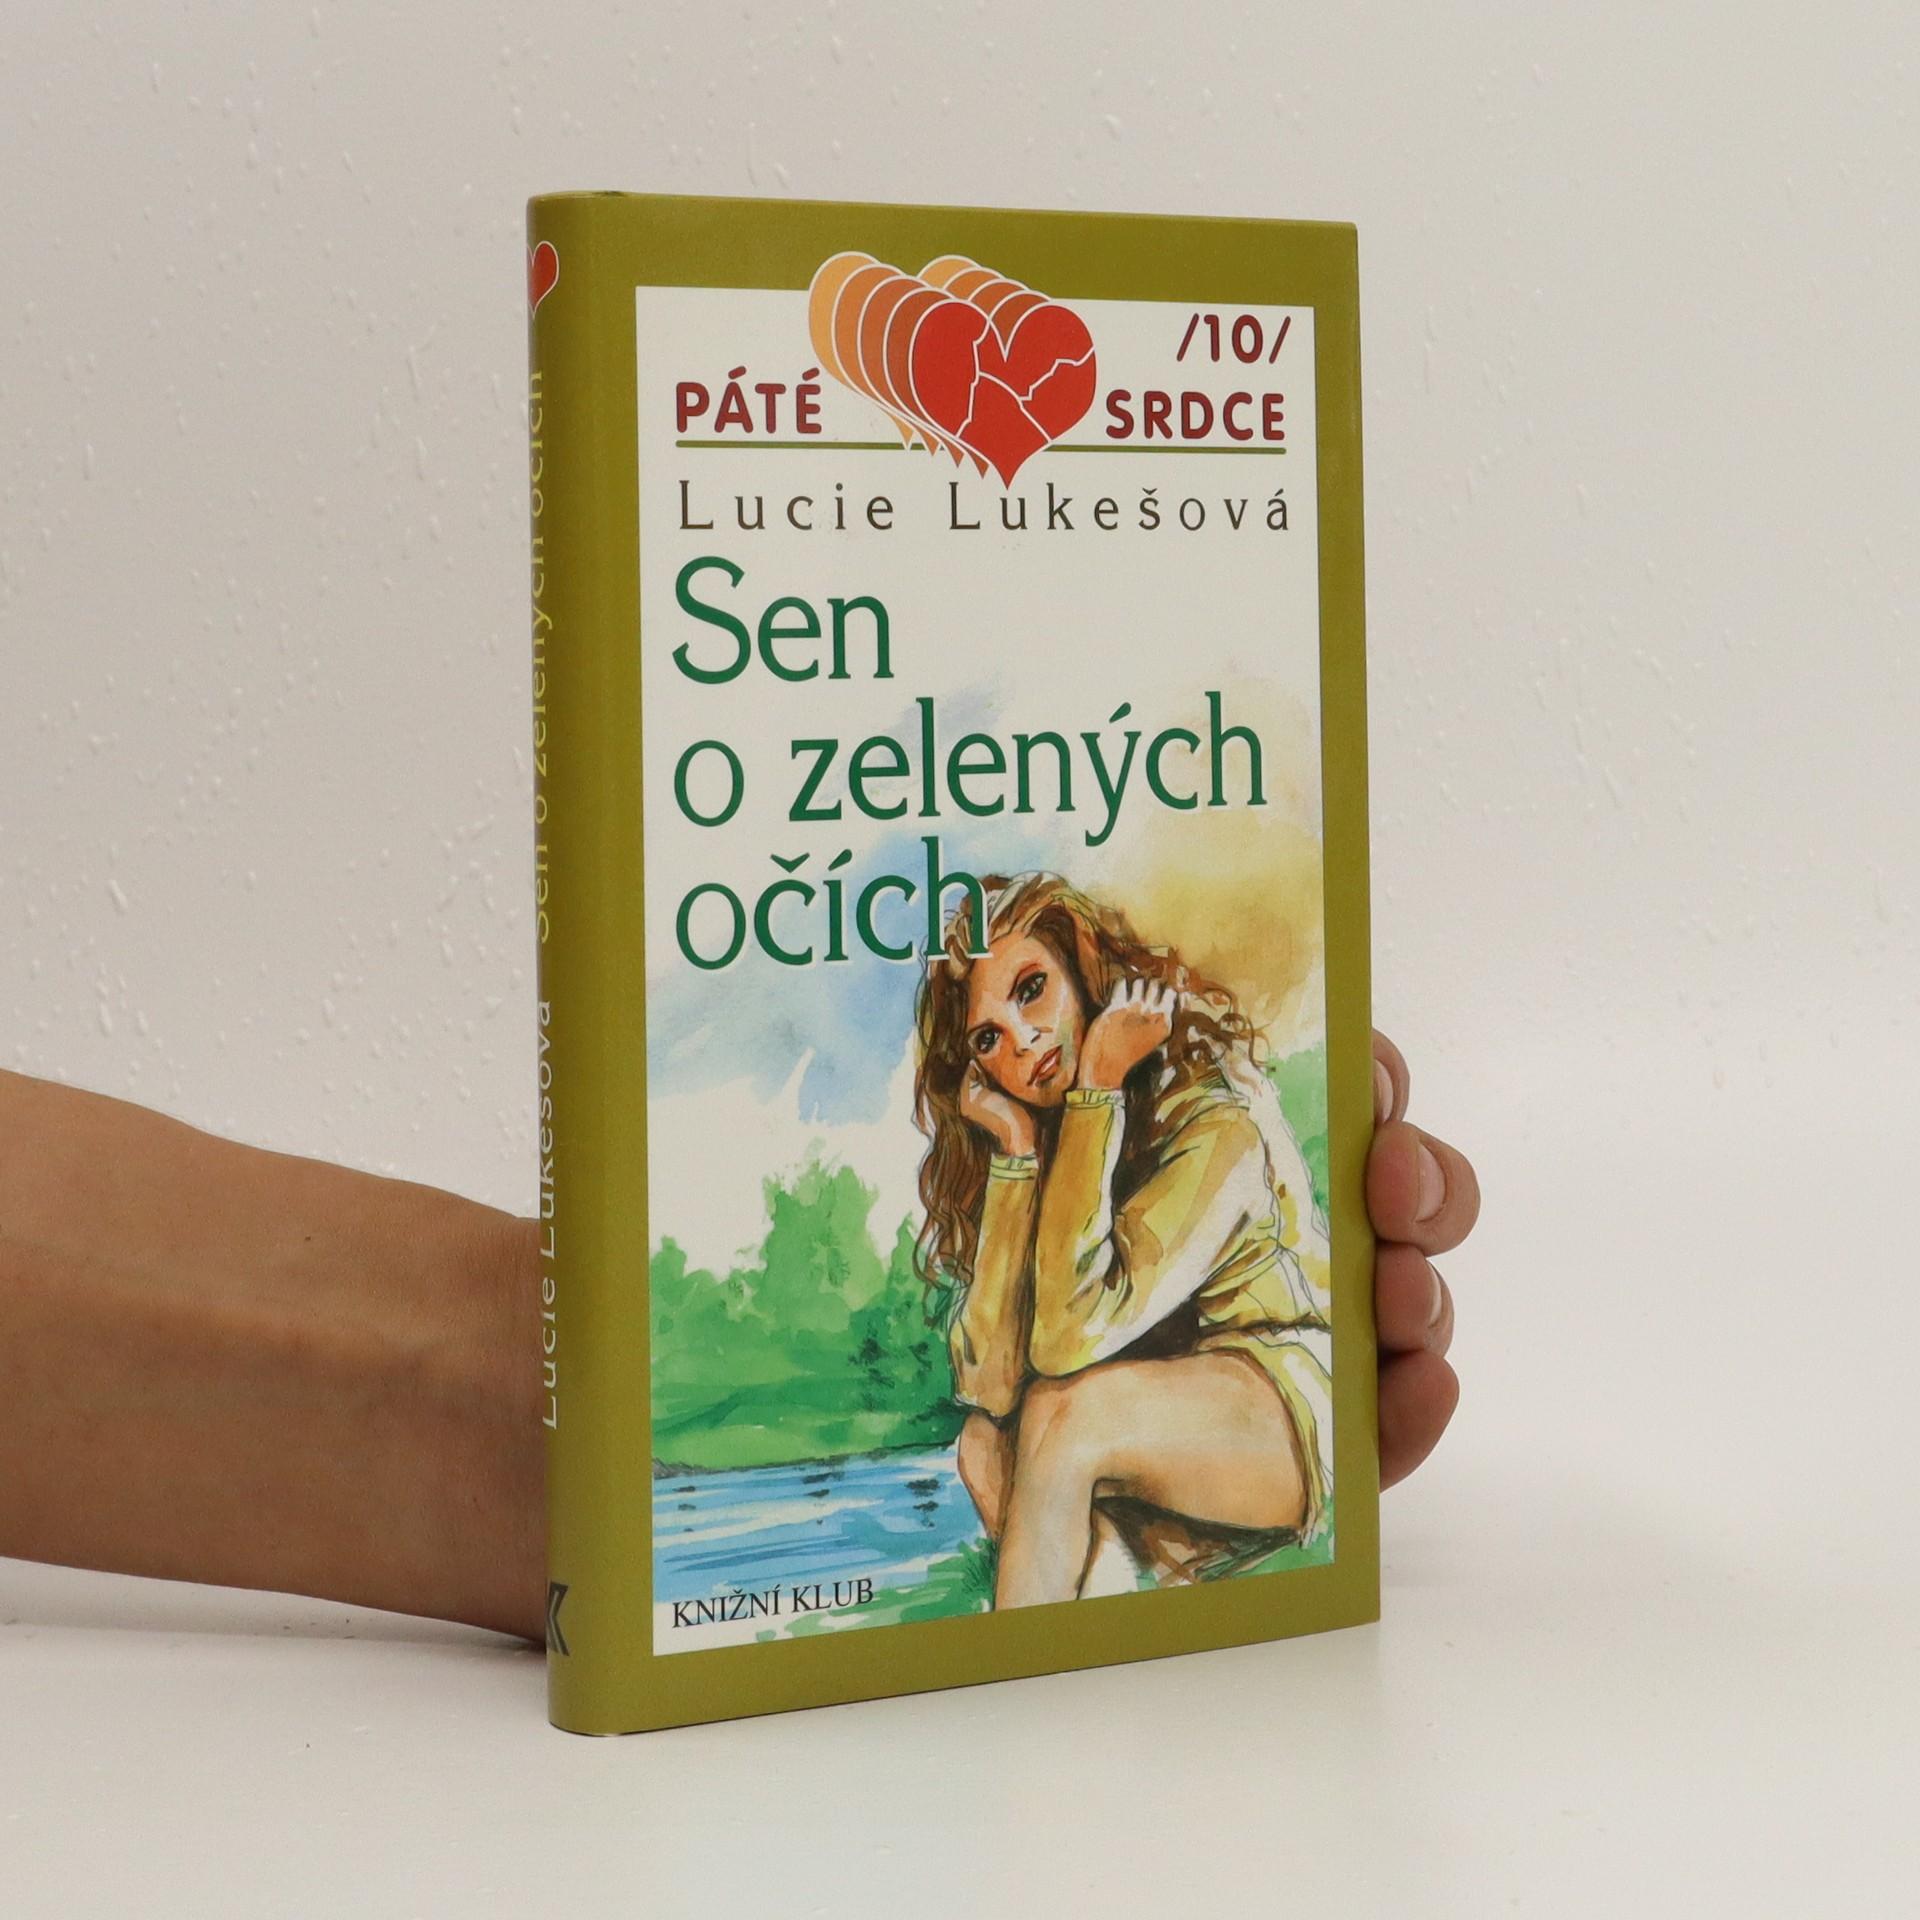 antikvární kniha Sen o zelených očích, 2001